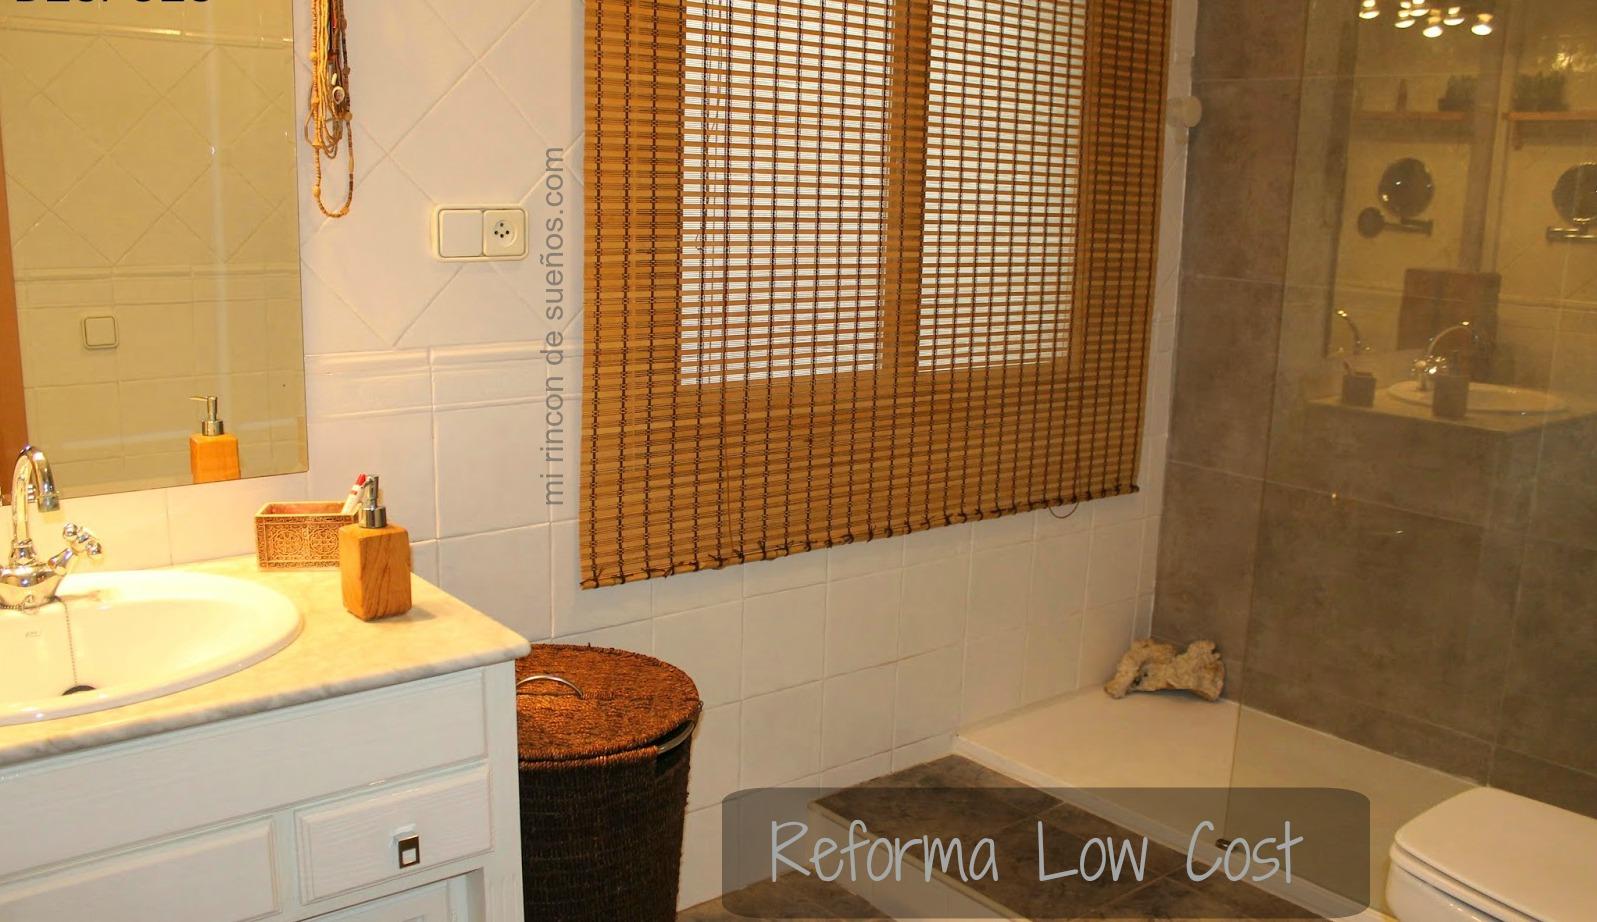 Mi rinc n de sue os reforma low cost la casa del a o - Reforma low cost ...